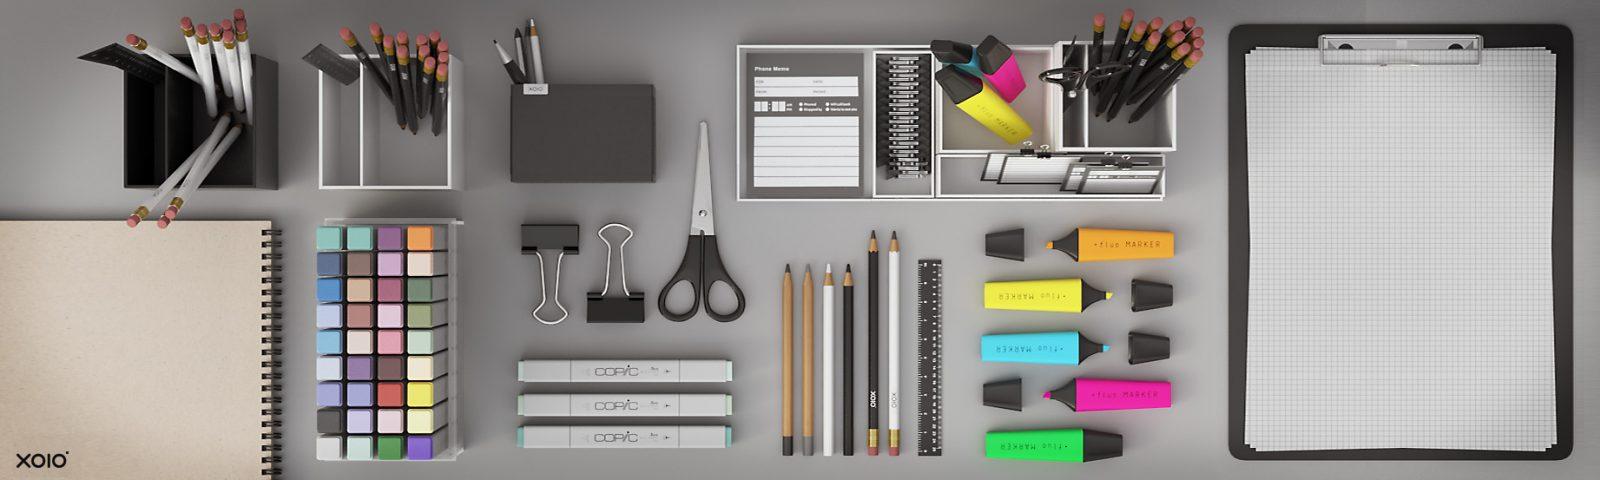 xoio-air | office props - model pack – xoio-air